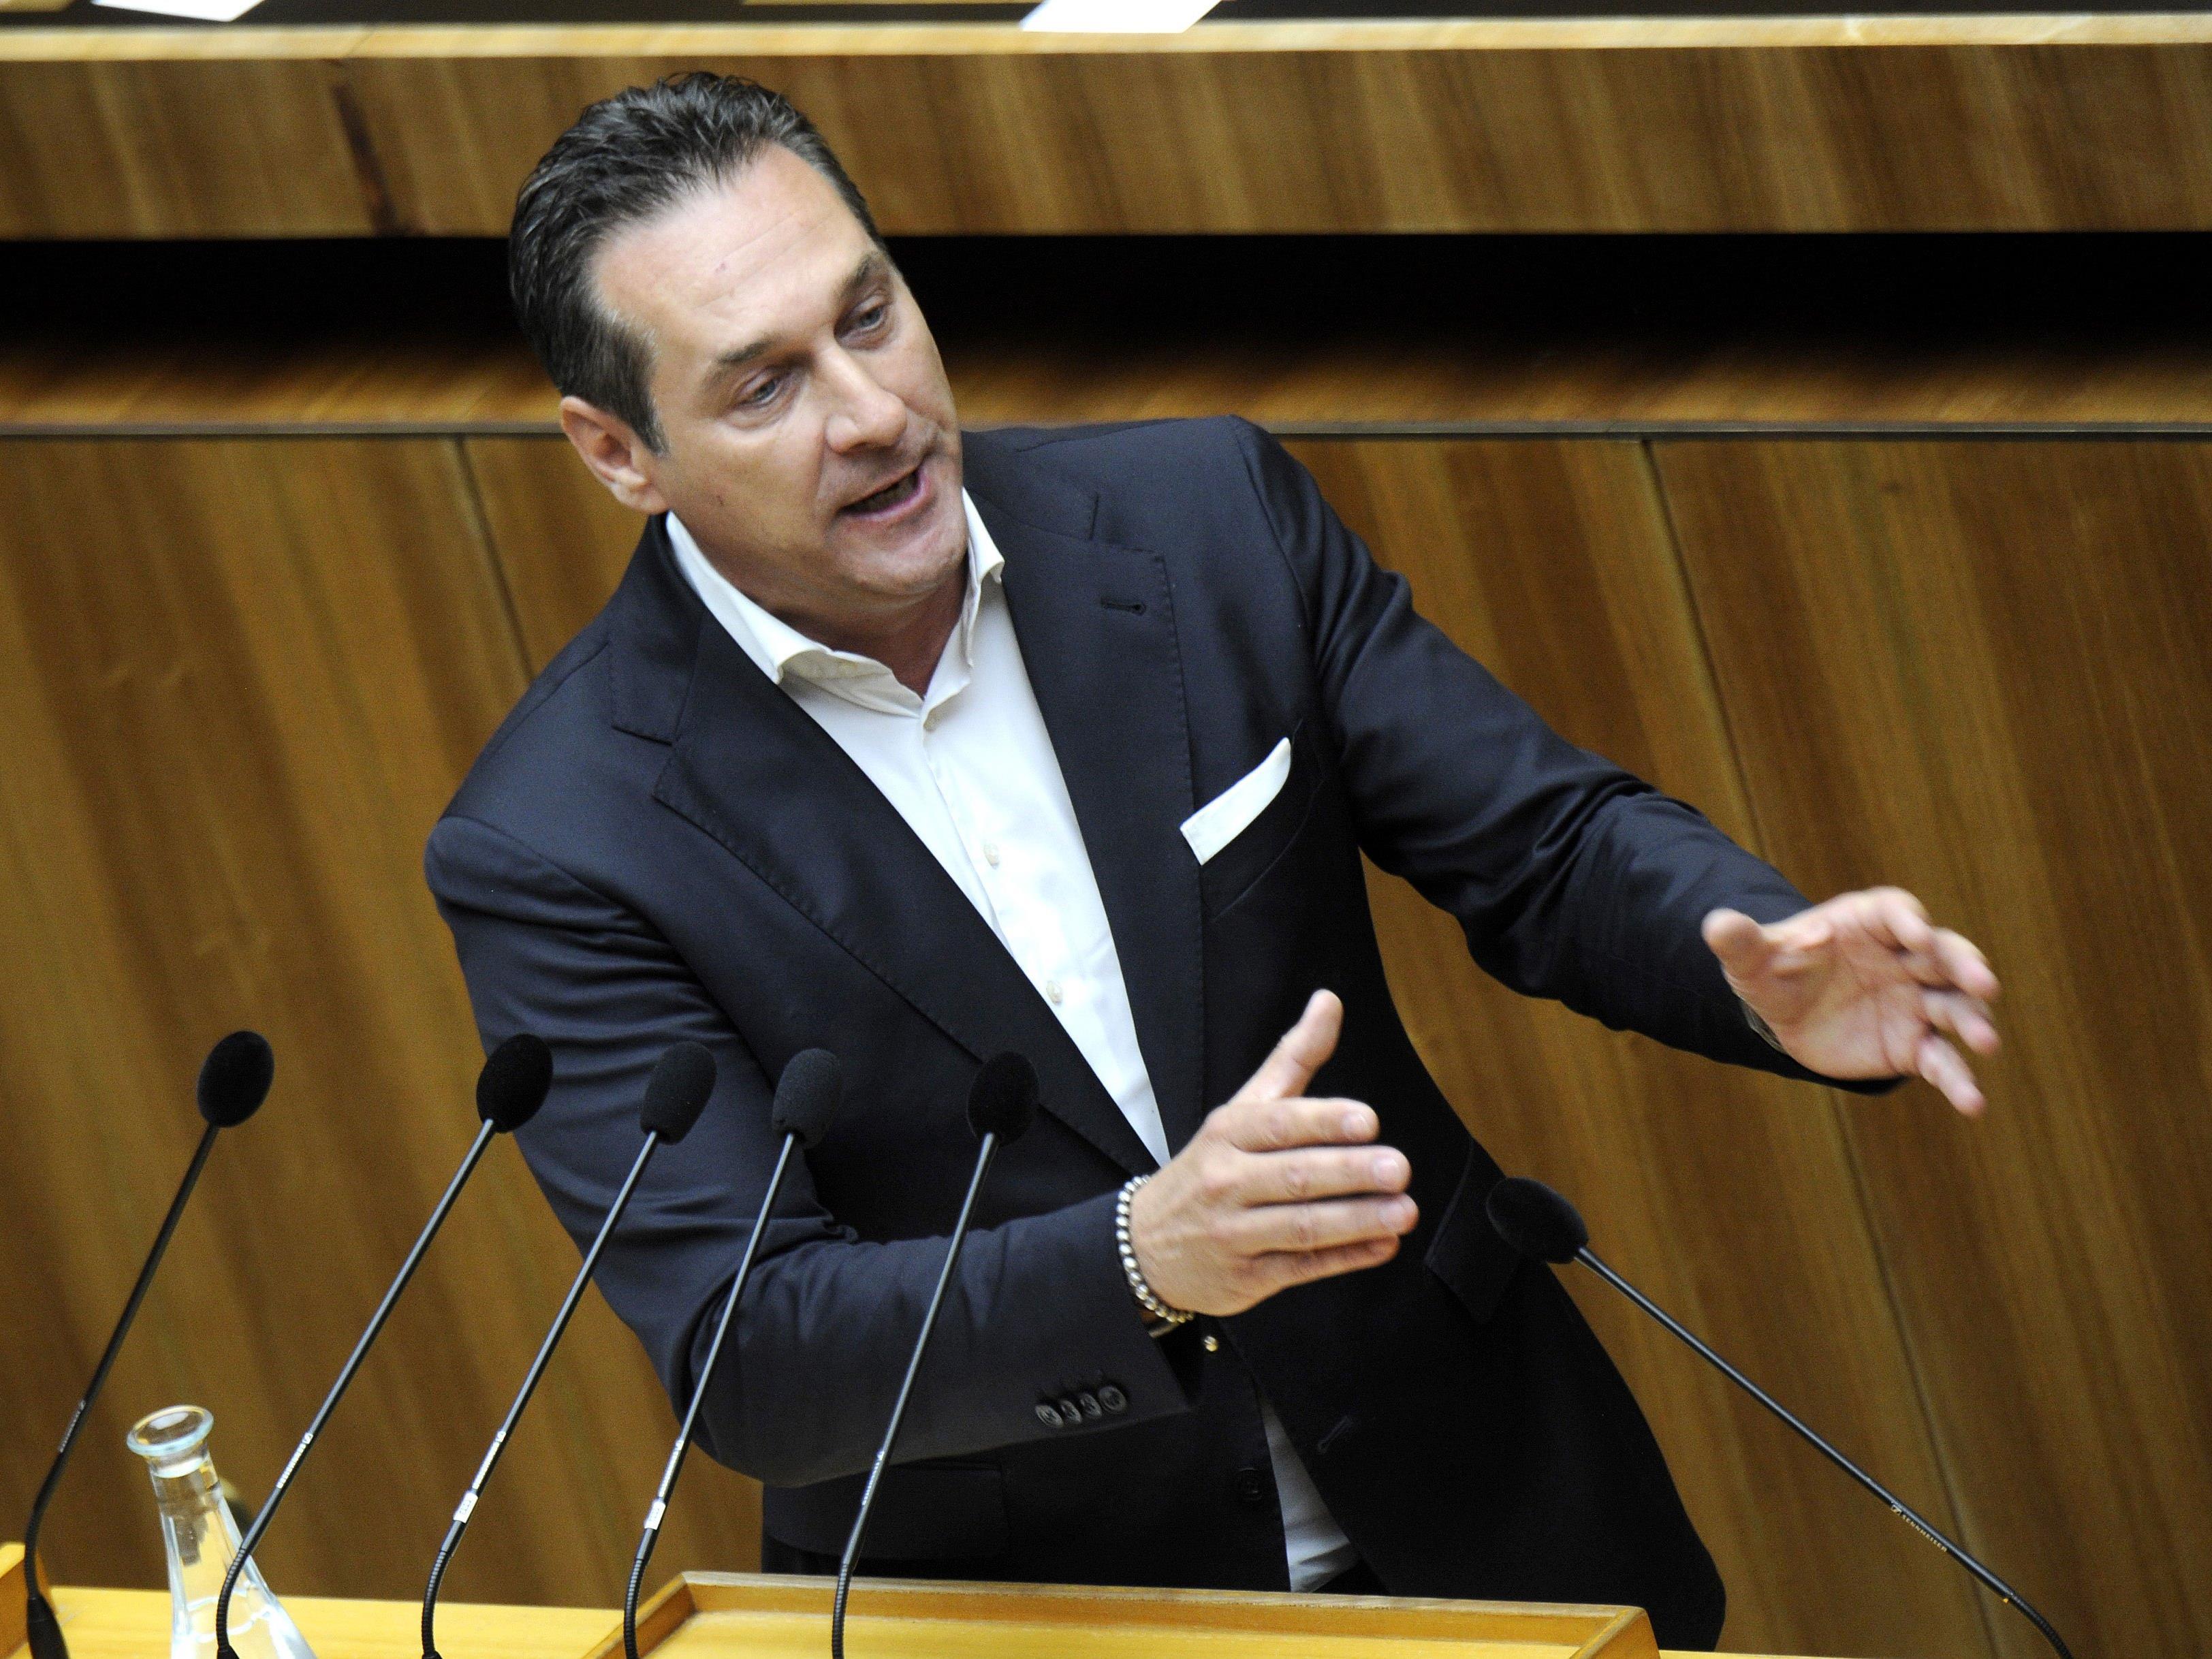 FPÖ-Chef Heinz Christian Strache meldete sich in der Causa zu Wort